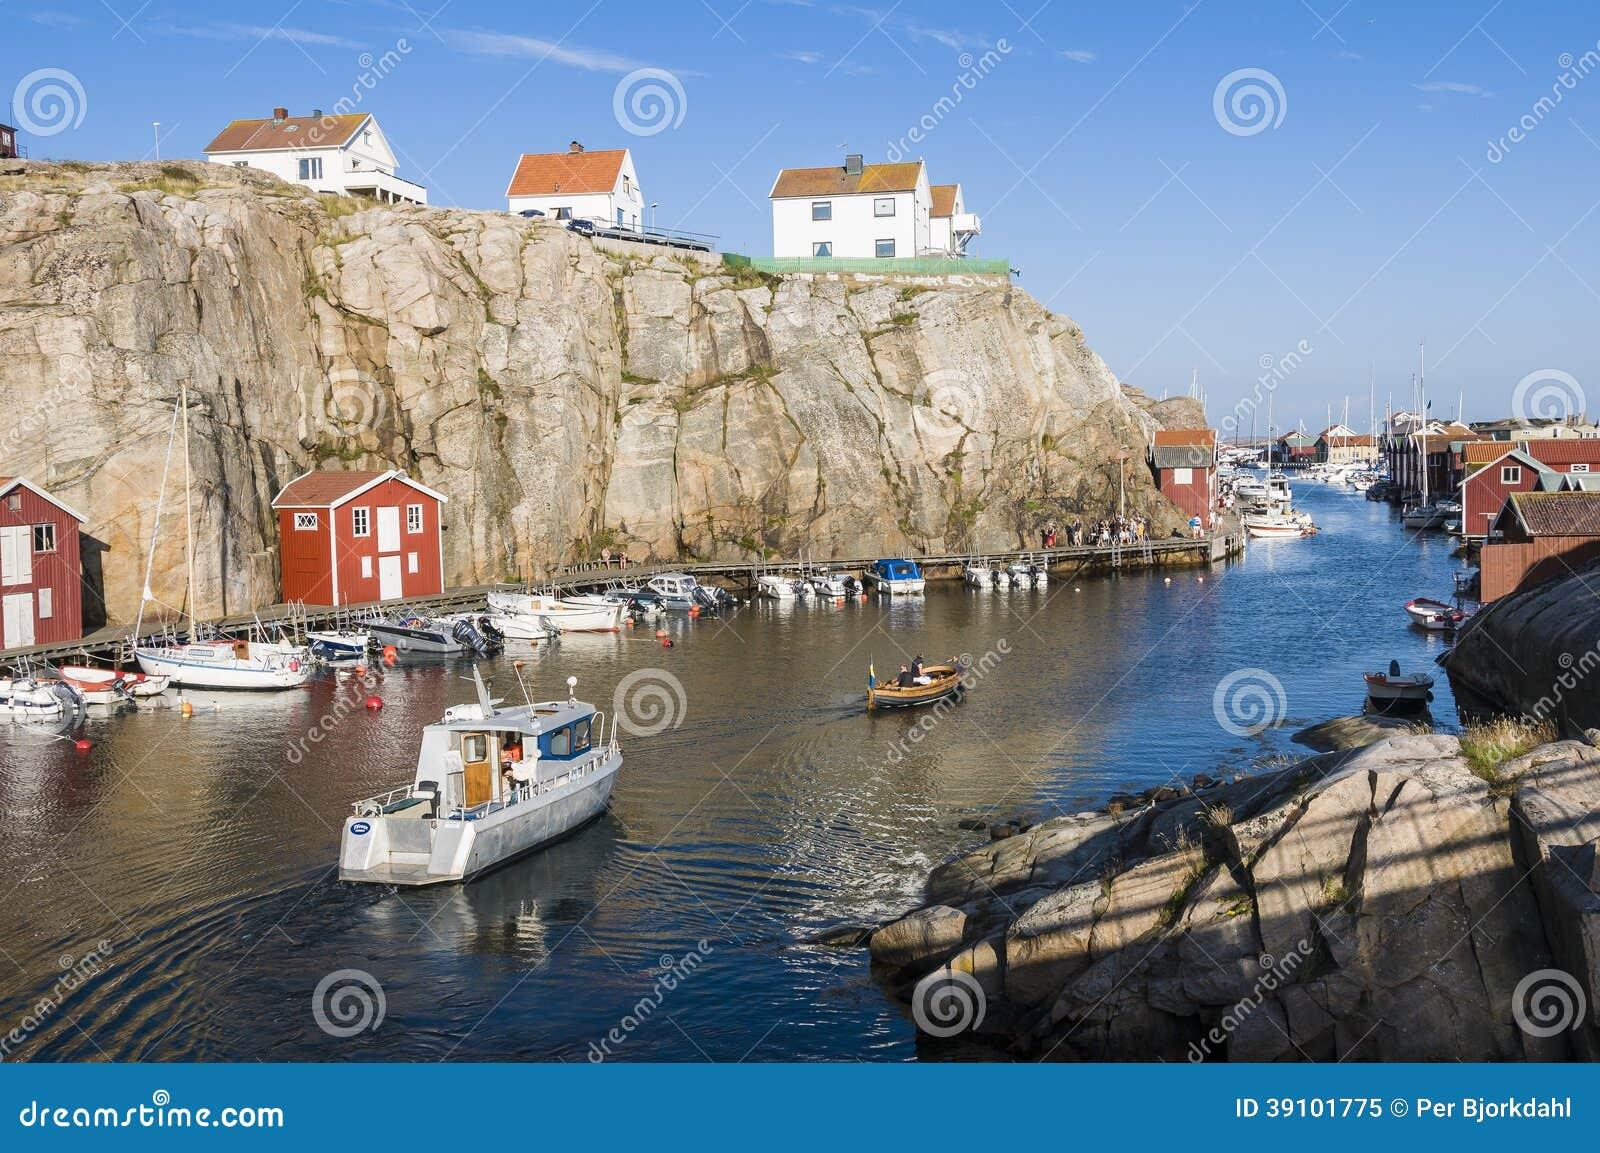 harbour with lots of pleasureboats in smogen swedish smögen smögen ...